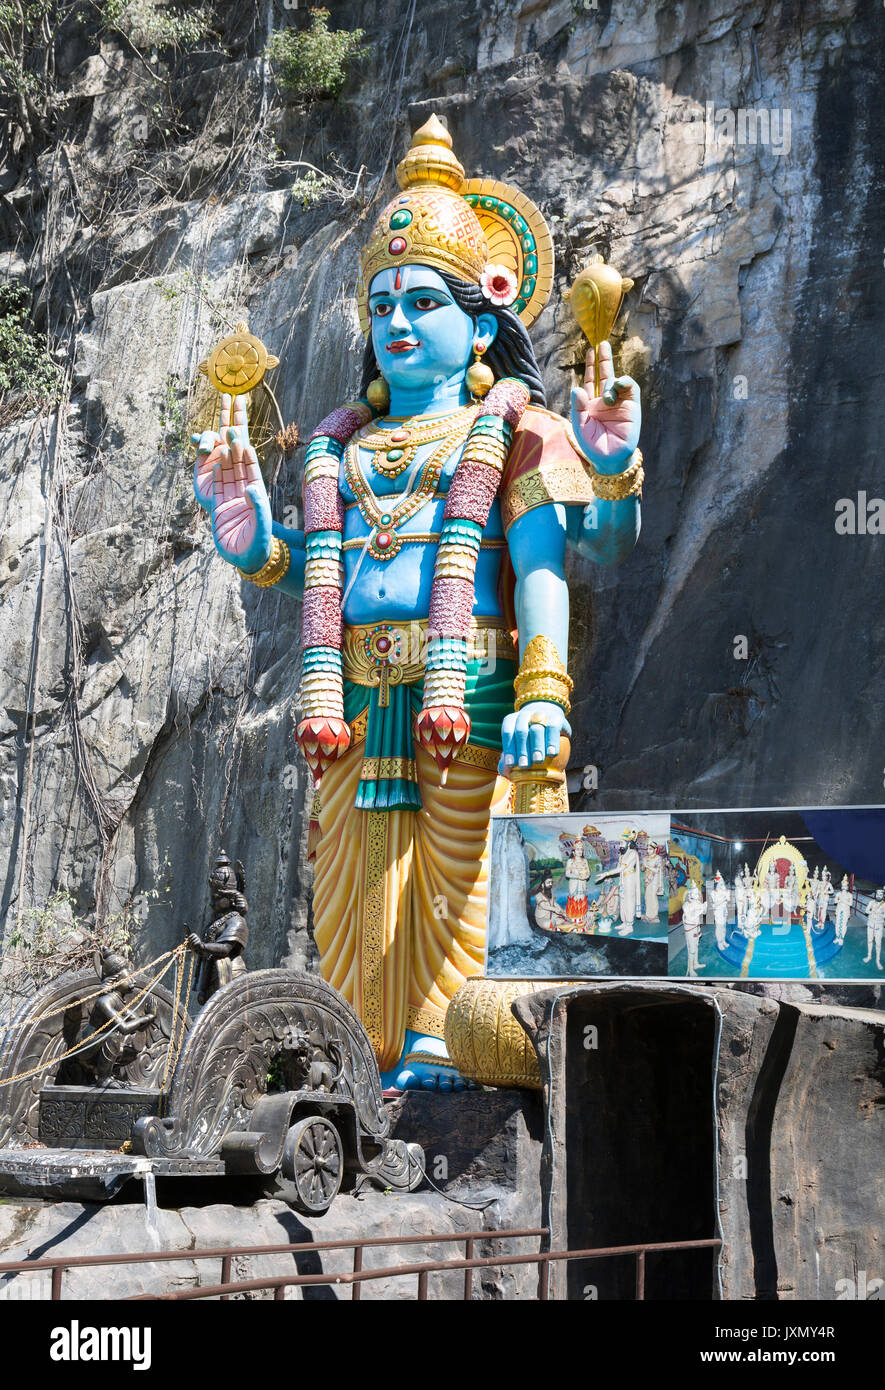 Statue de Krishna à l'entrée du Ramayana, grotte grottes de Batu, Selangor, Malaisie Gombak Photo Stock